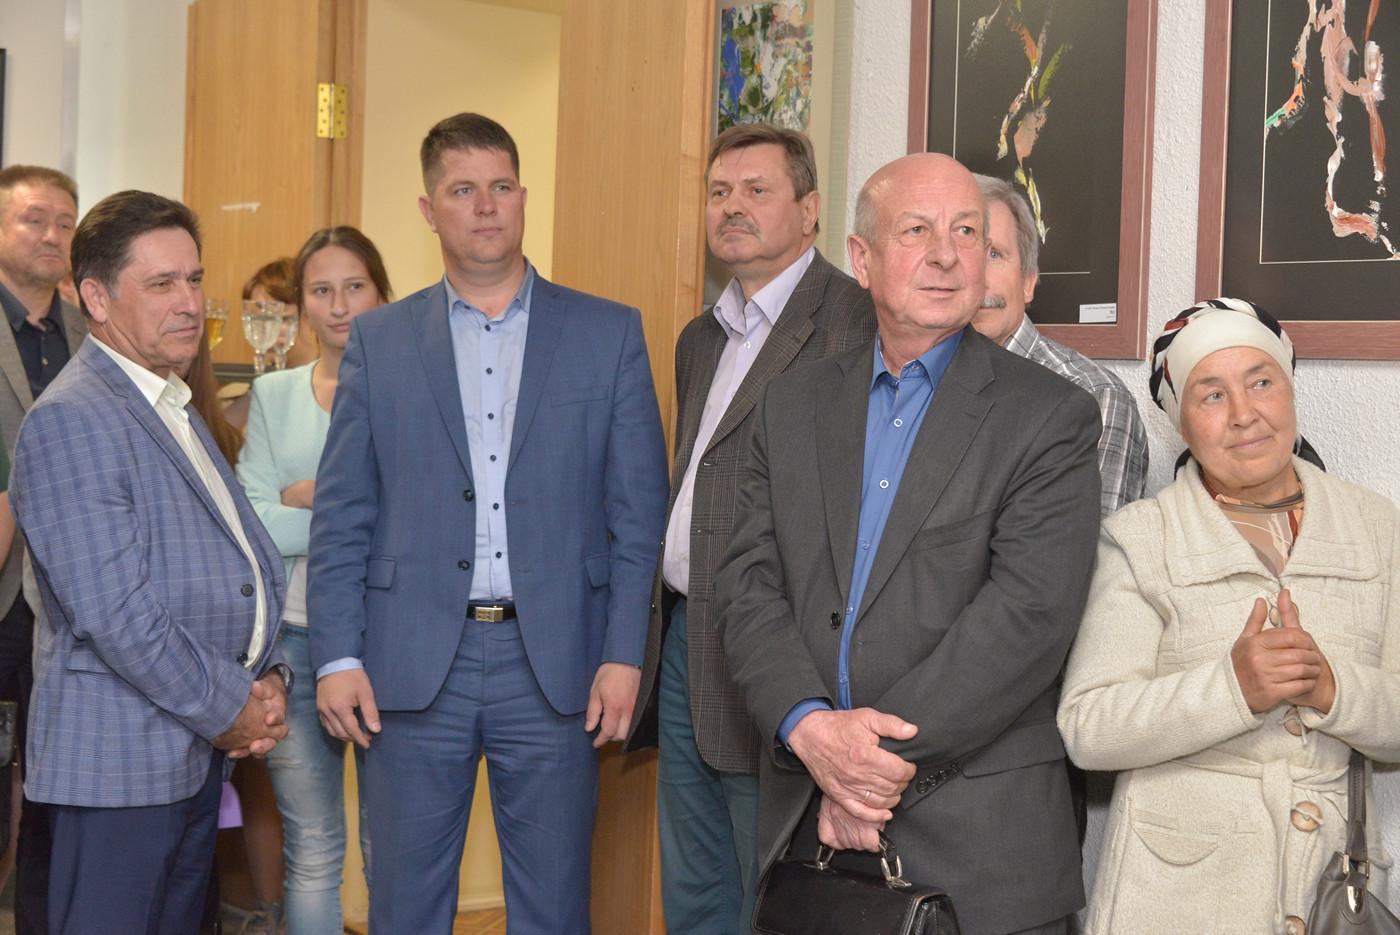 6 июня 2016 года в Доме архитектора Удмуртского регионального отделения Союза архитекторов России в Ижевске открылась персональная выставка живописи и графики архитектора Александра Николаевича Зорина